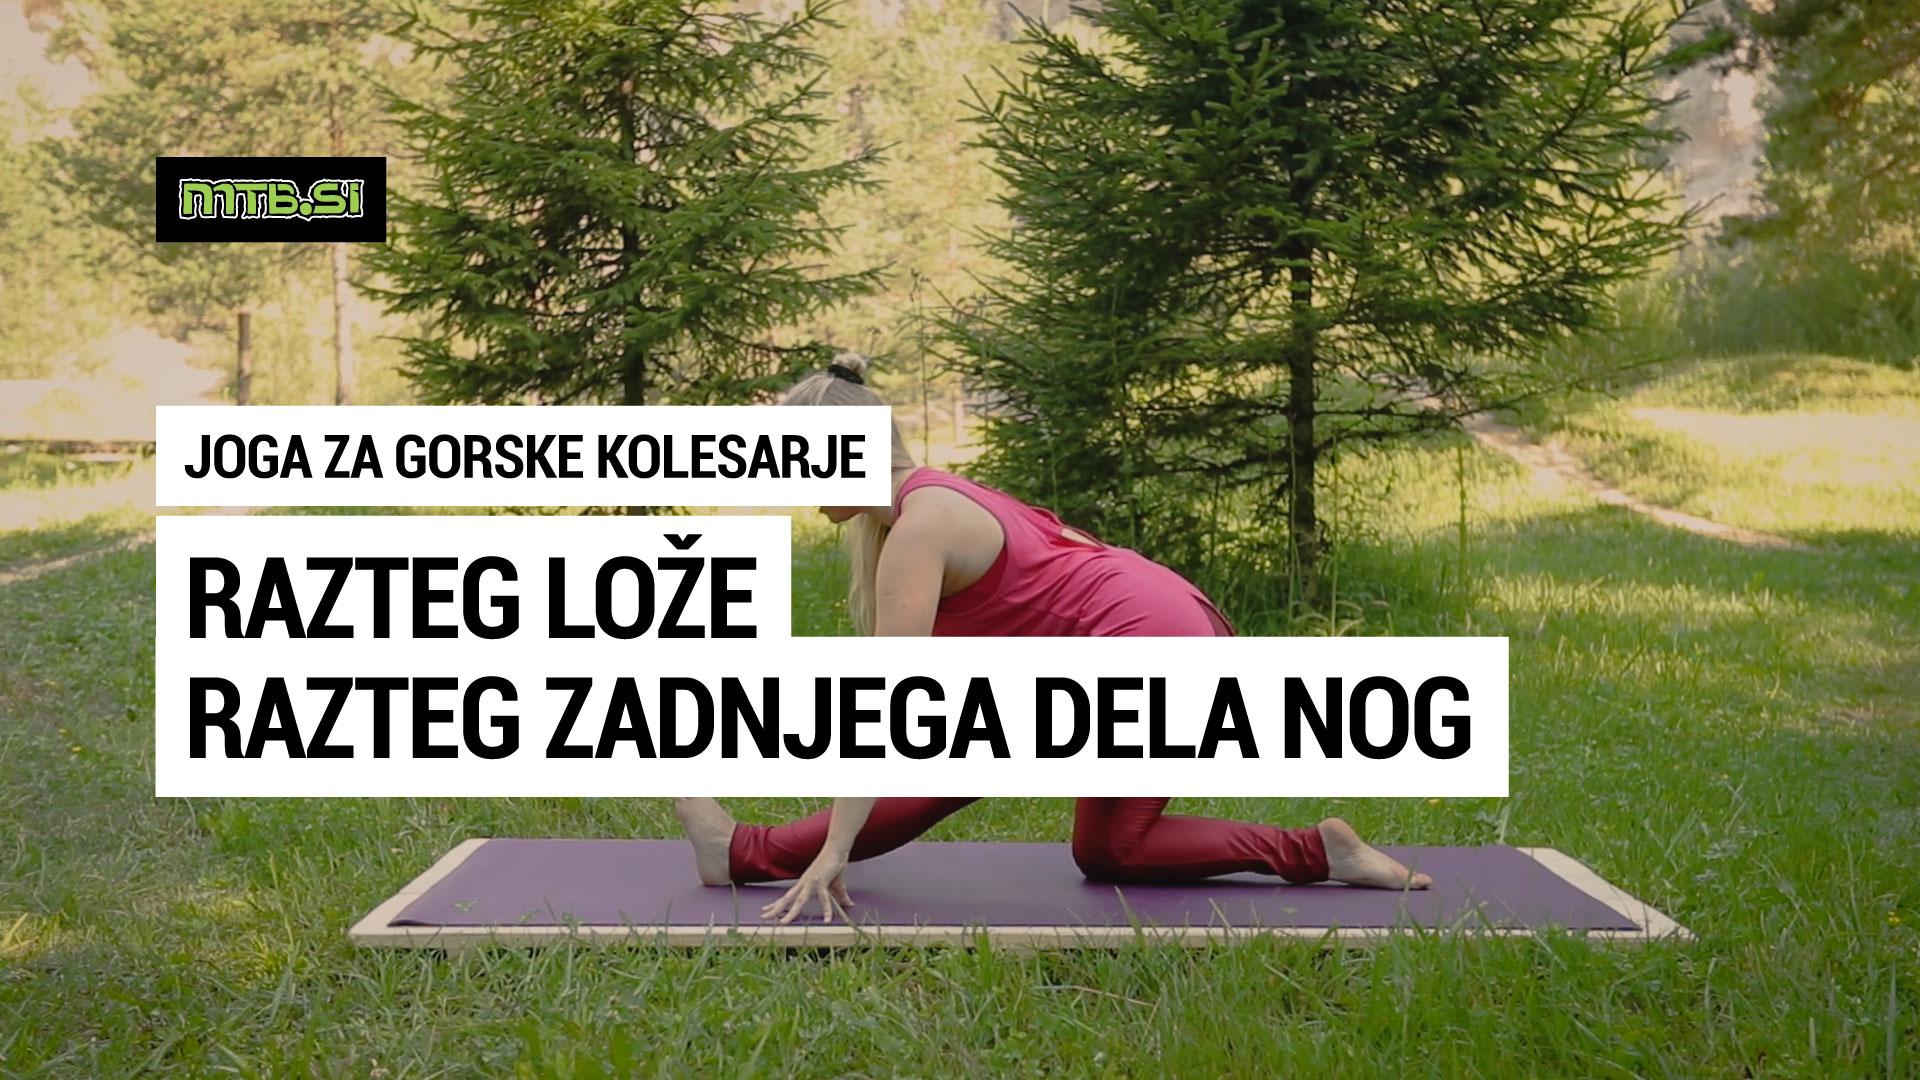 Razteg lože - razteg zadnjega dela nog - joga za gorske kolesarje